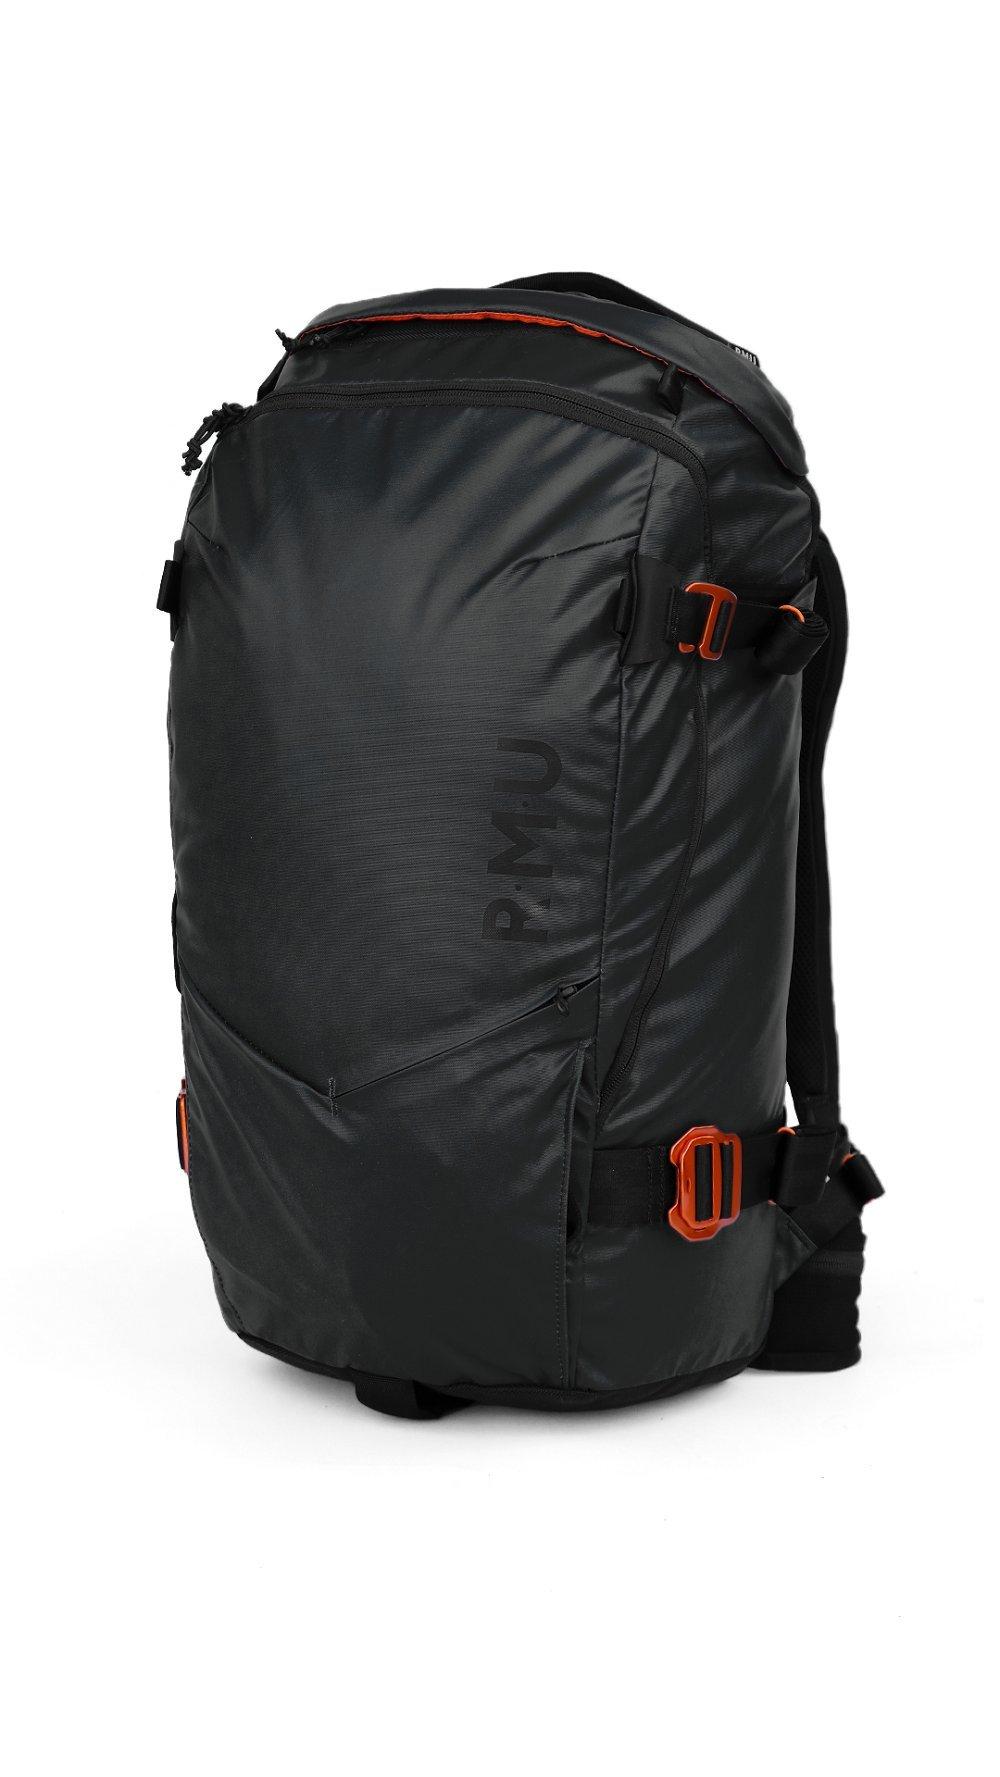 RMU Core Pack (Black, 35) by RMU Outdoors